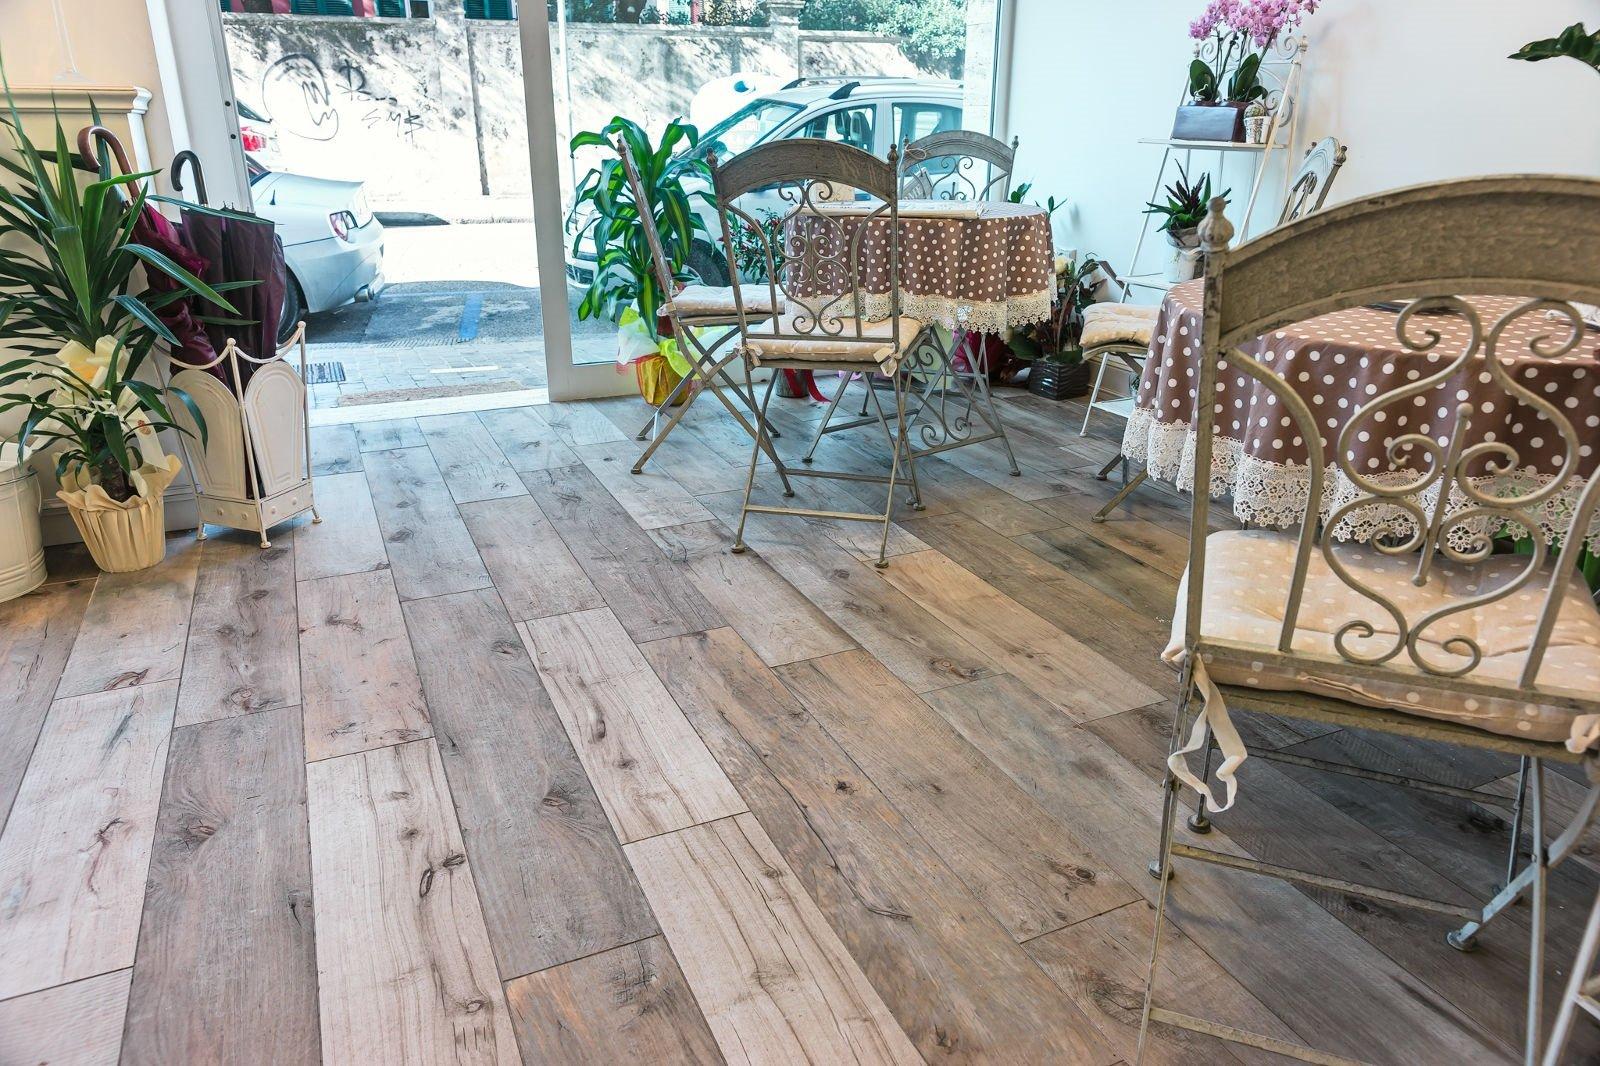 Pavimenti: gres, effetto legno, scontato - Cose di Casa